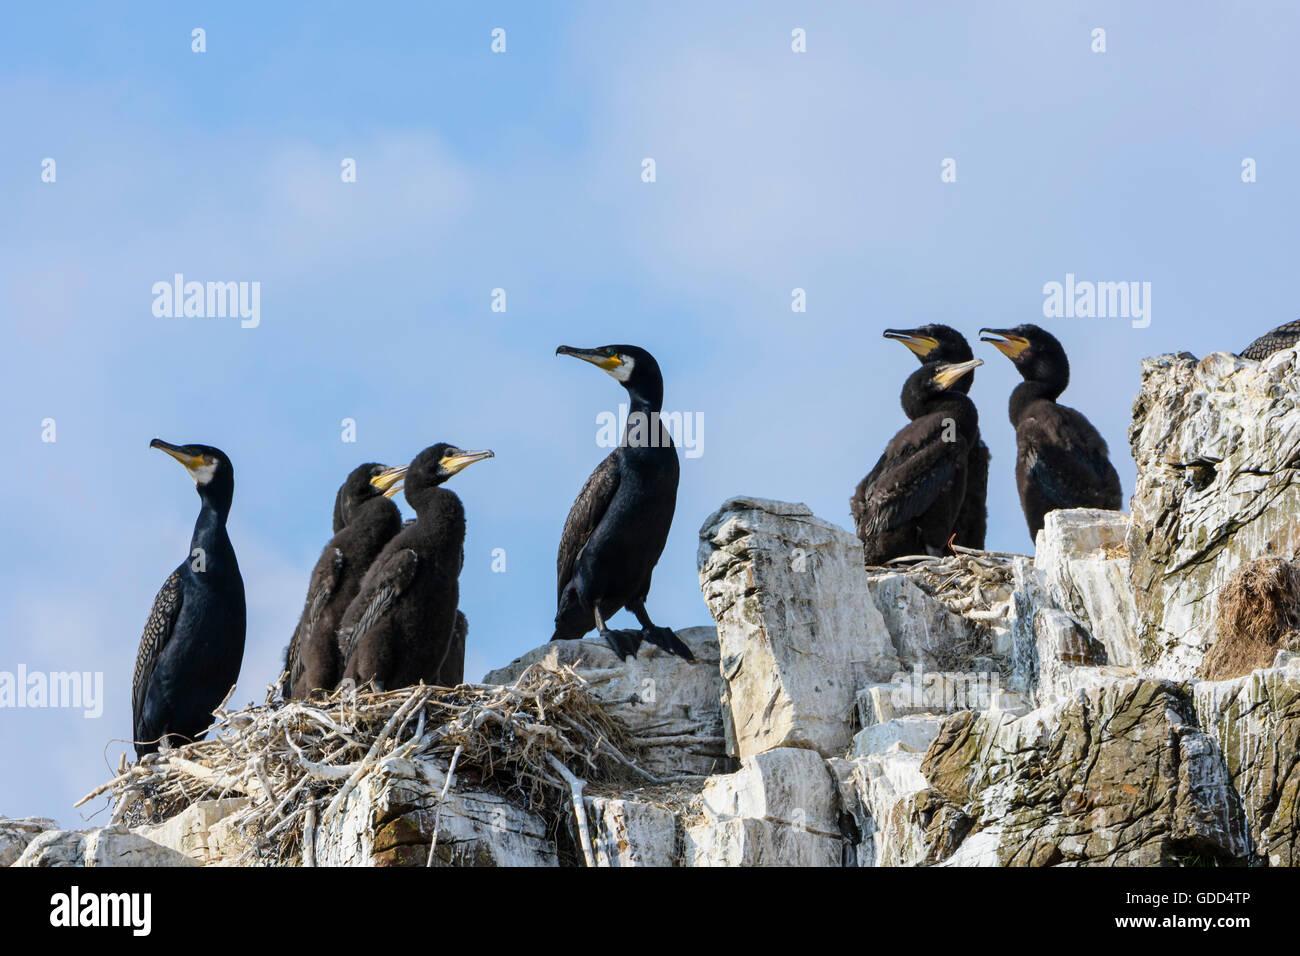 Kormoran, Phalacrocorax Carbo, mit jungen, Murray Isles Solway Firth, Schottland, Großbritannien Stockfoto